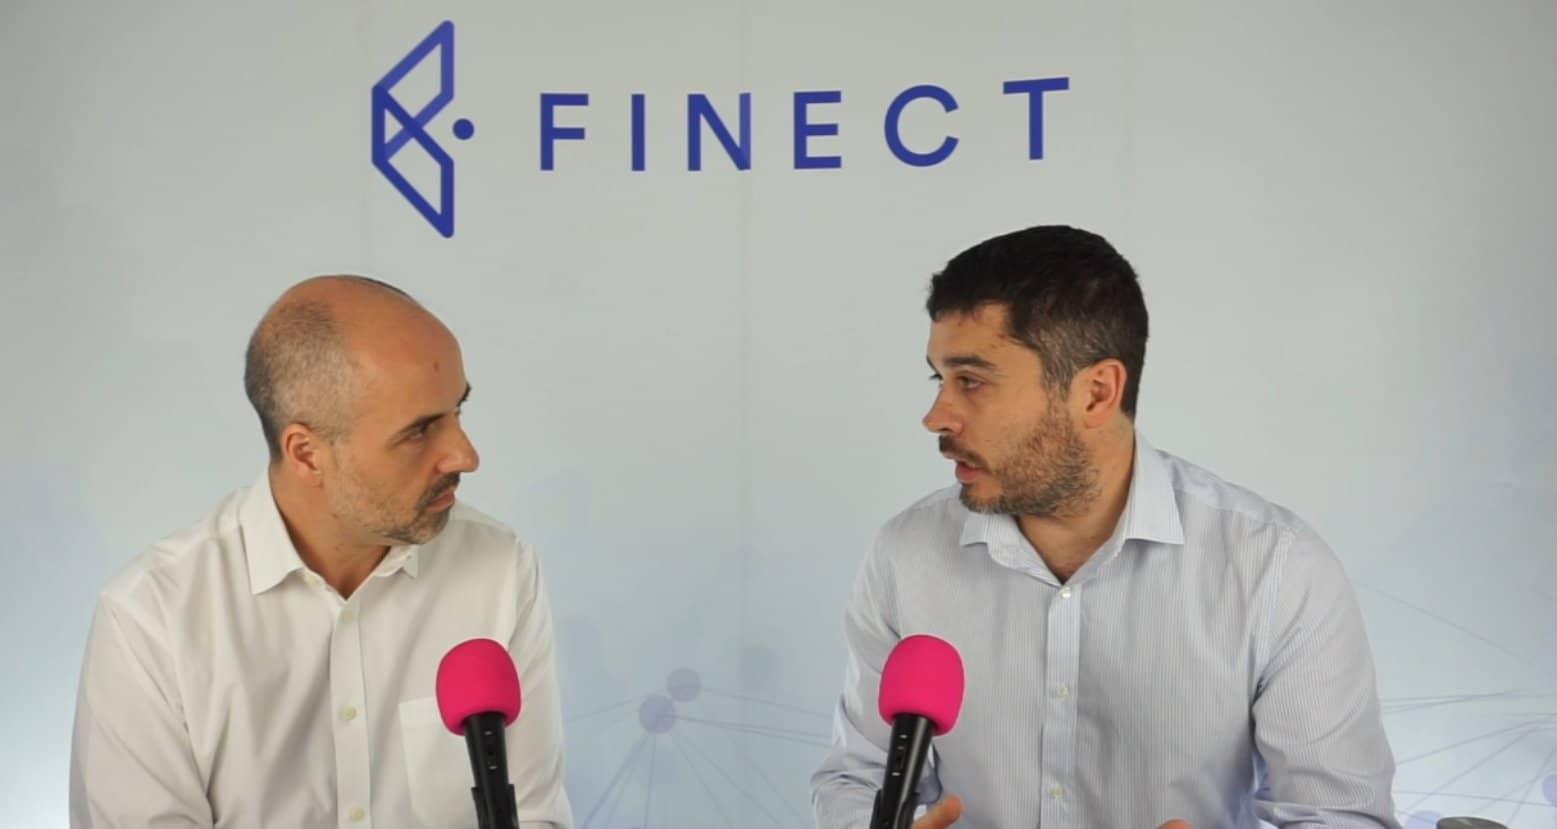 Me han entrevistado en Finect